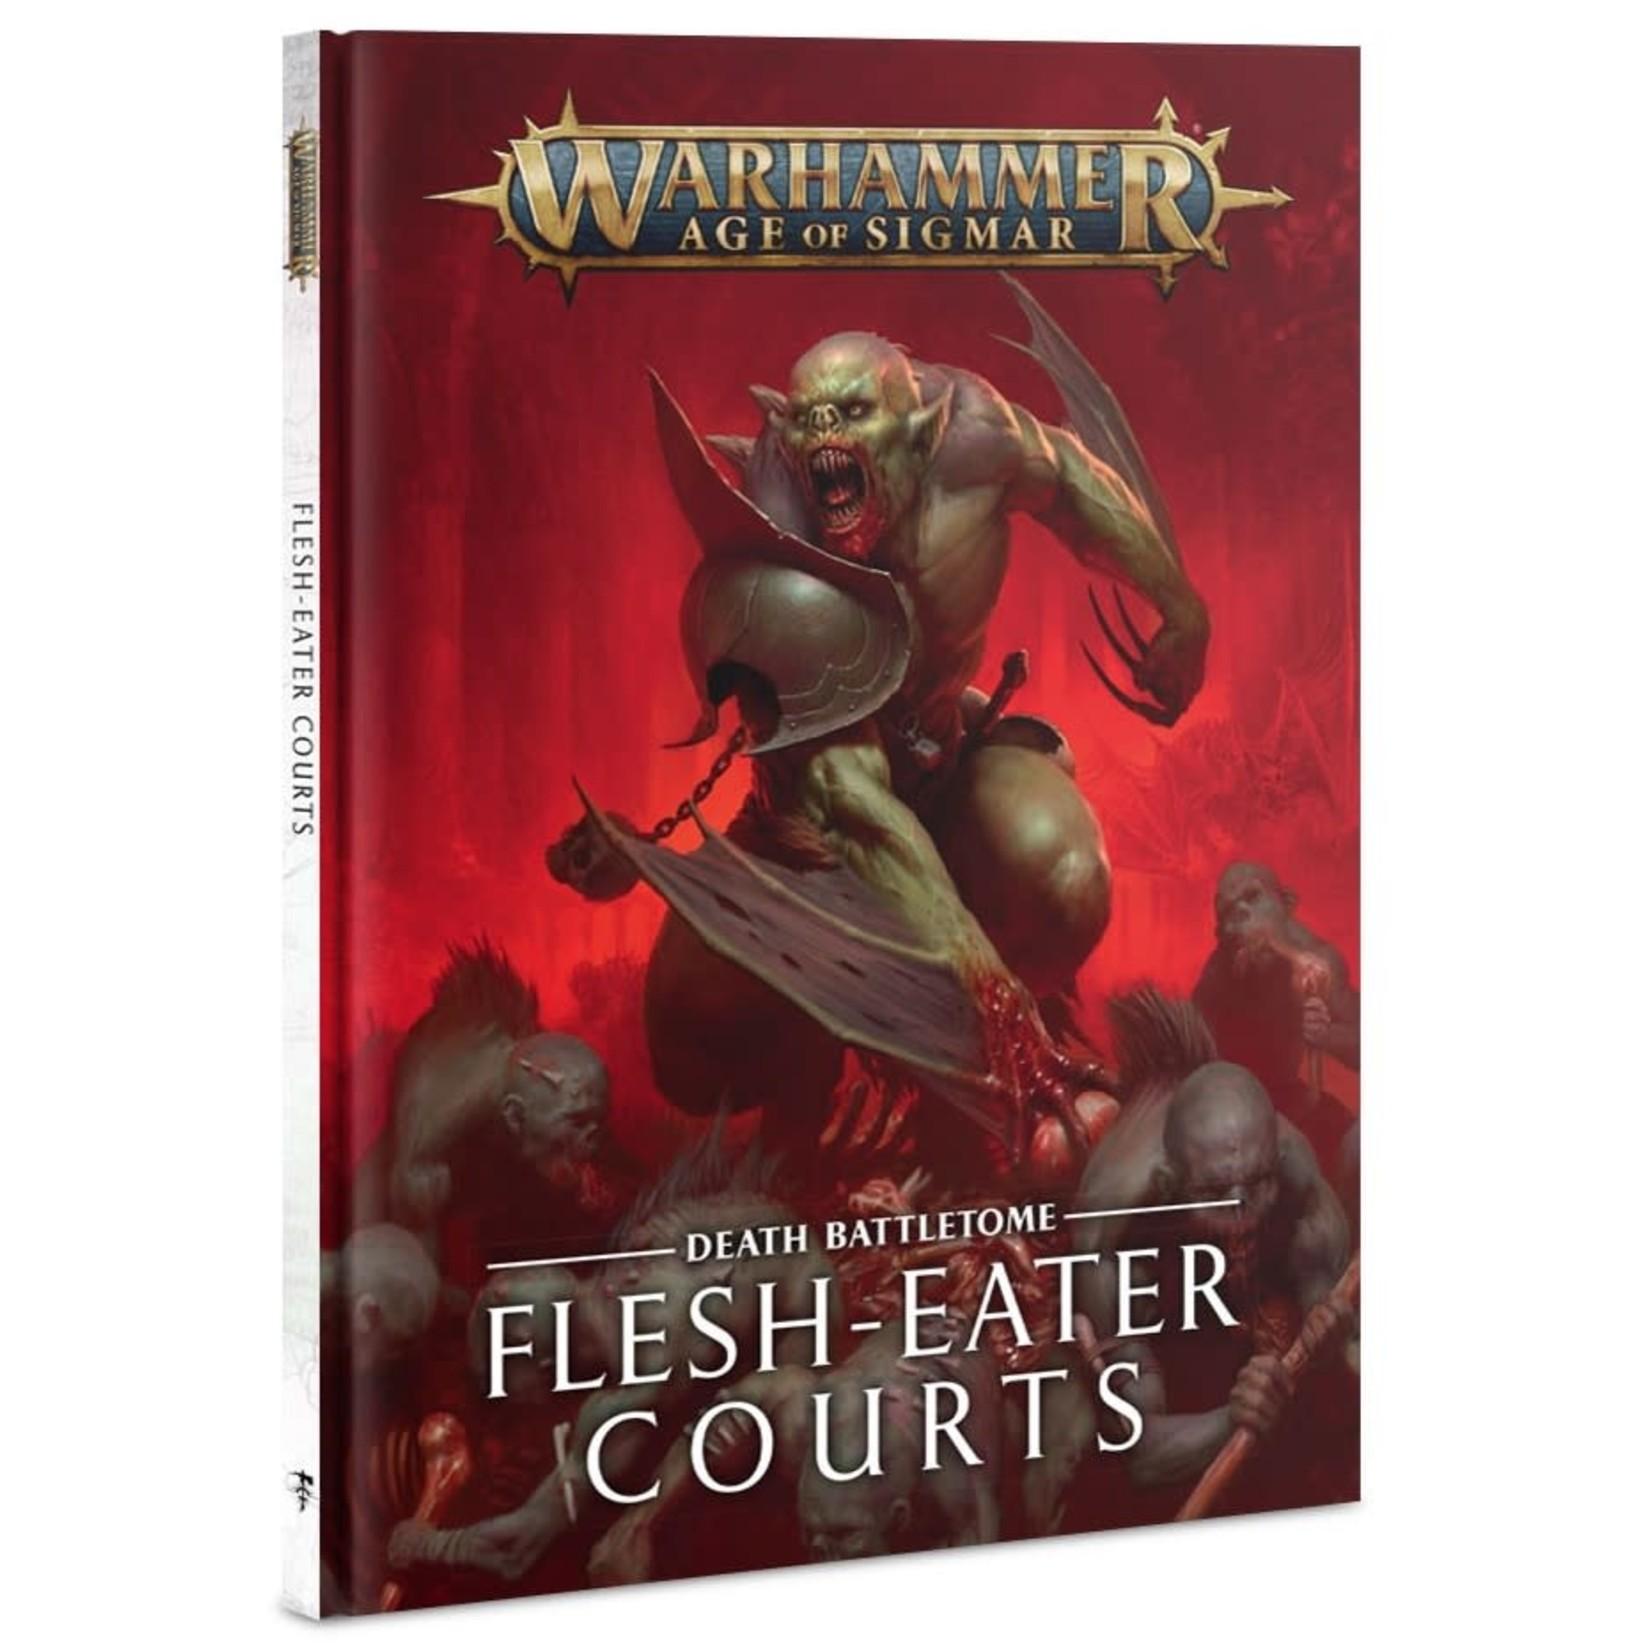 Games Workshop Battletome: Flesh-eater Courts